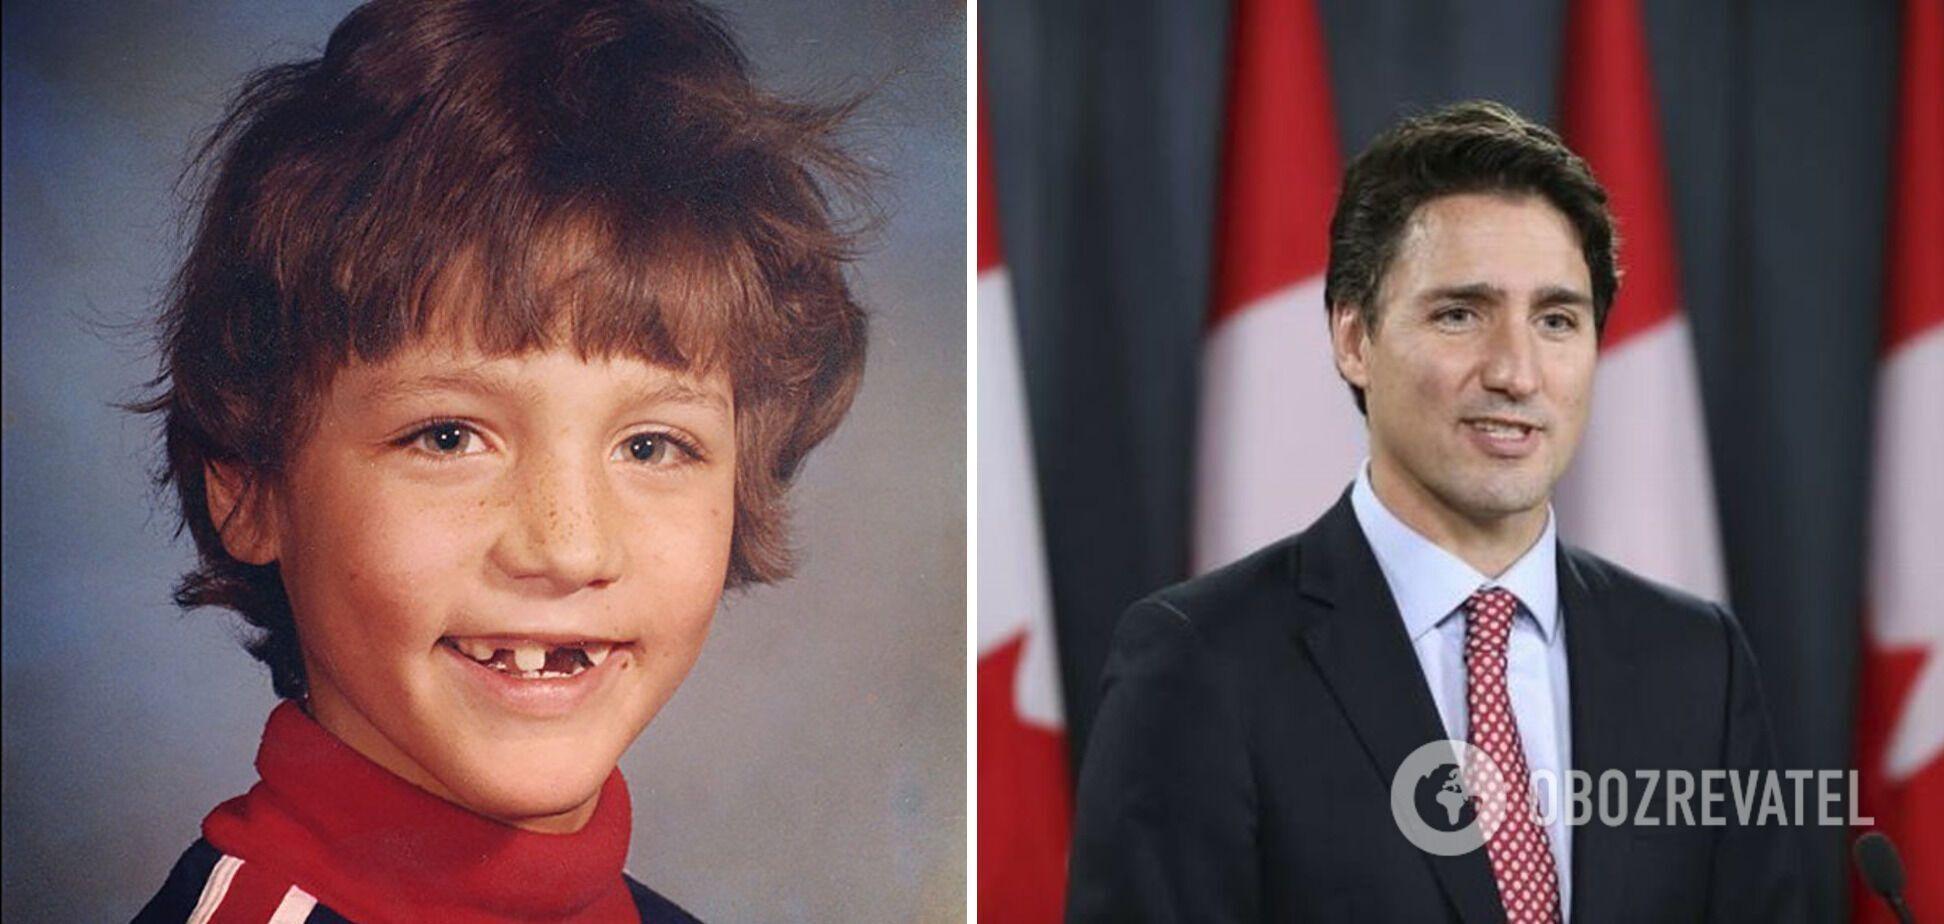 Батько Джастіна Трюдо був прем'єр-міністром Канади.